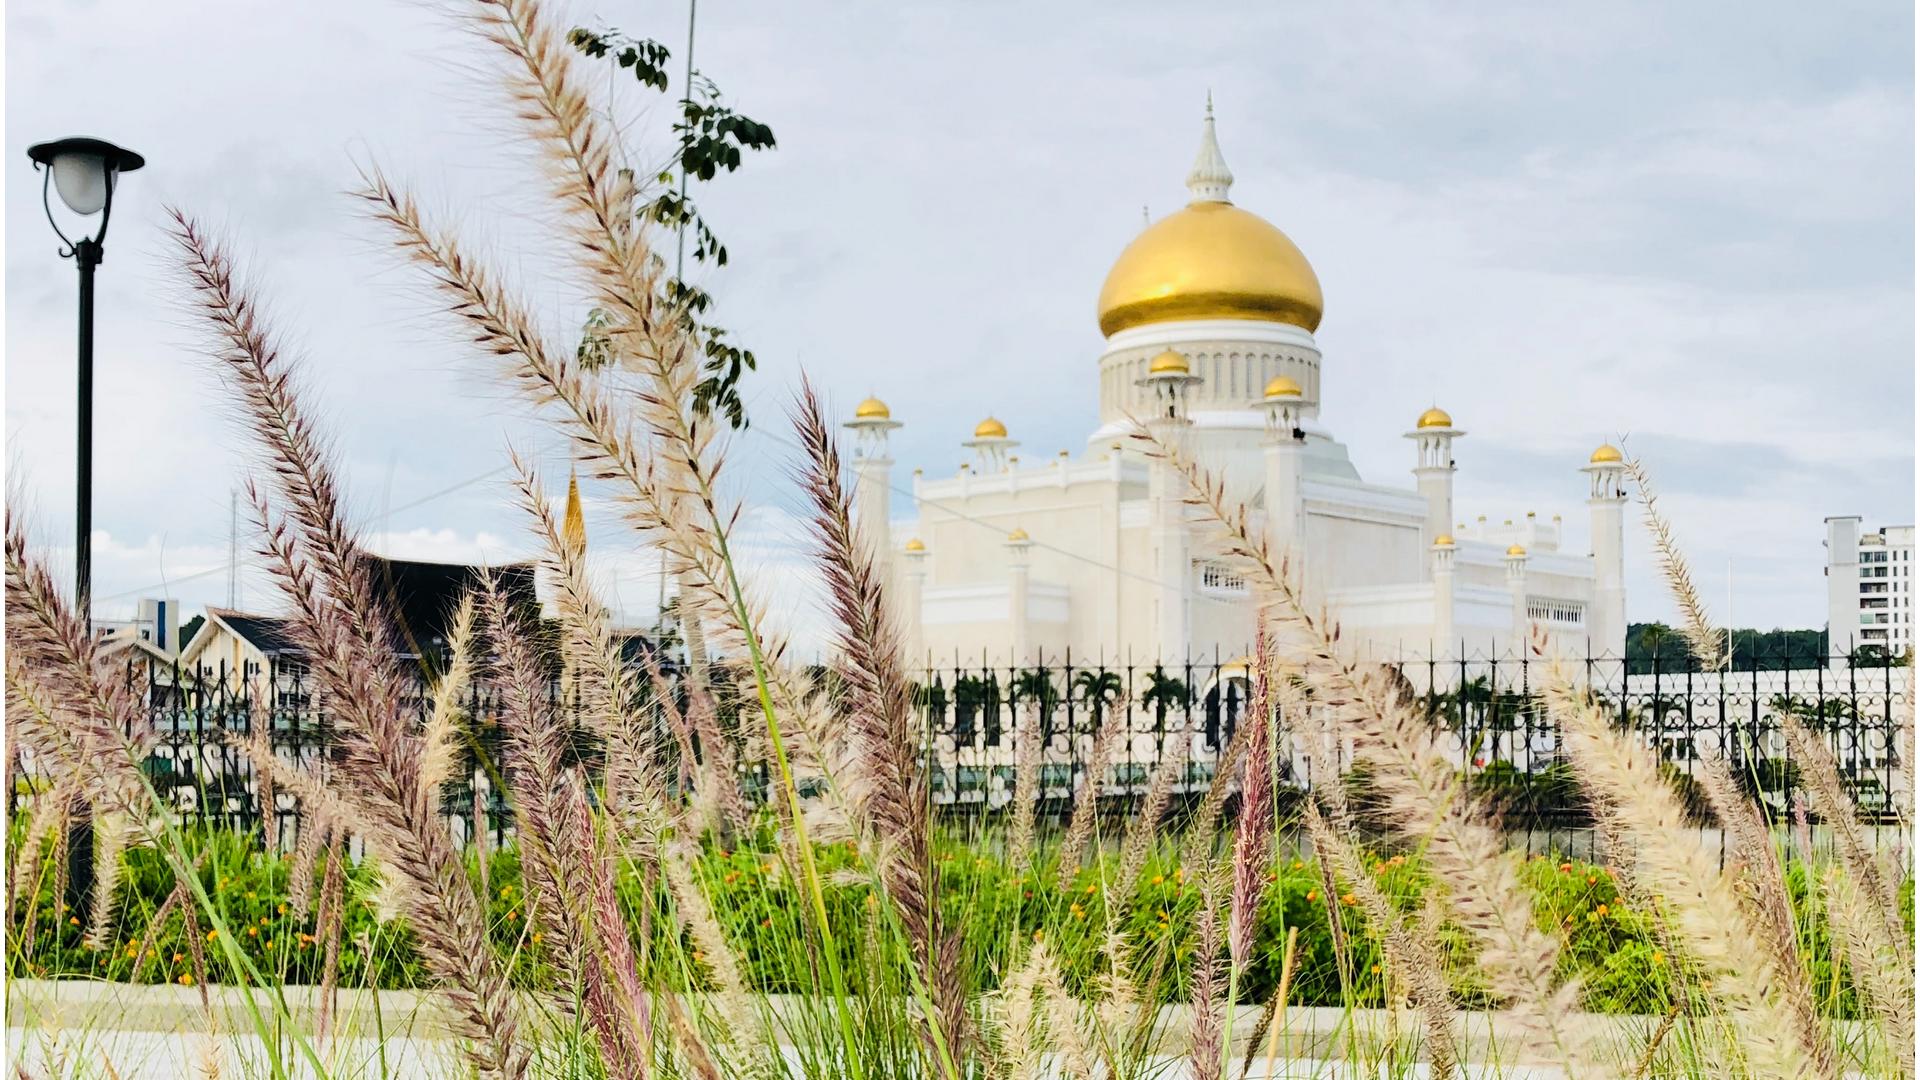 A view in Brunei